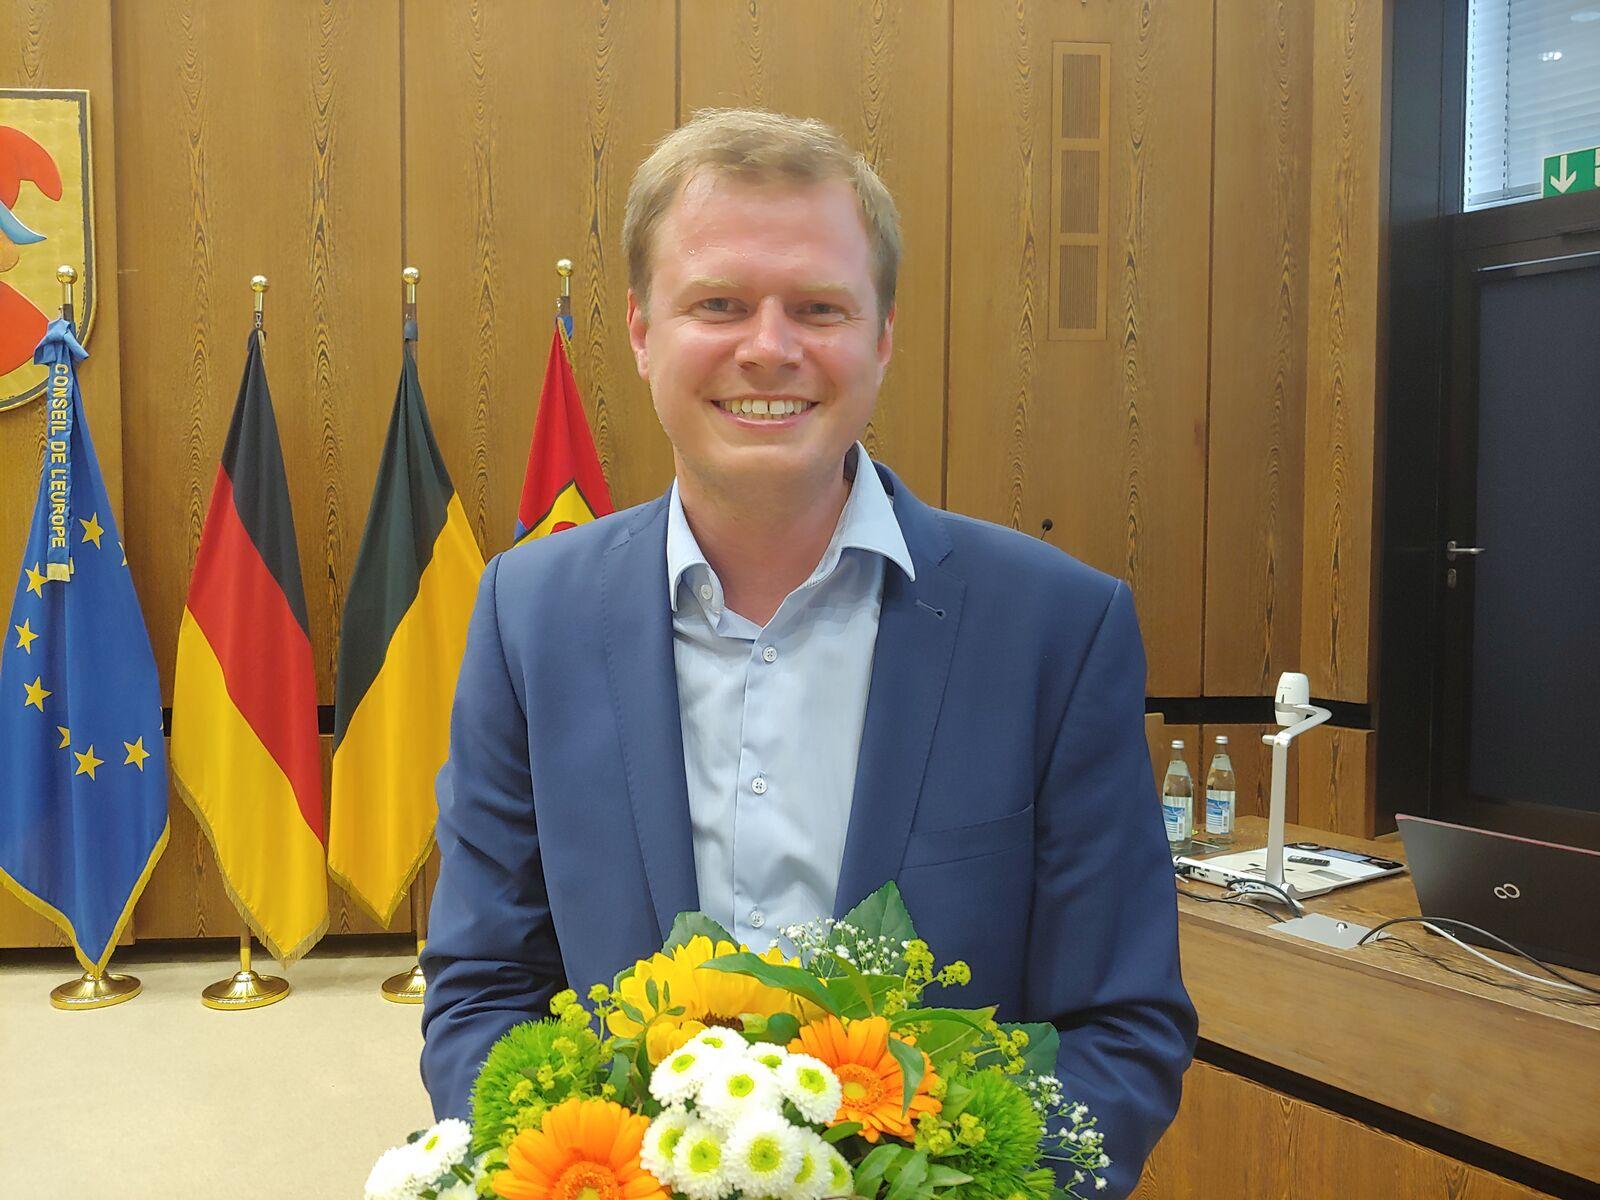 Michael Salomo wird neuer Oberbürgermeister von Heidenheim